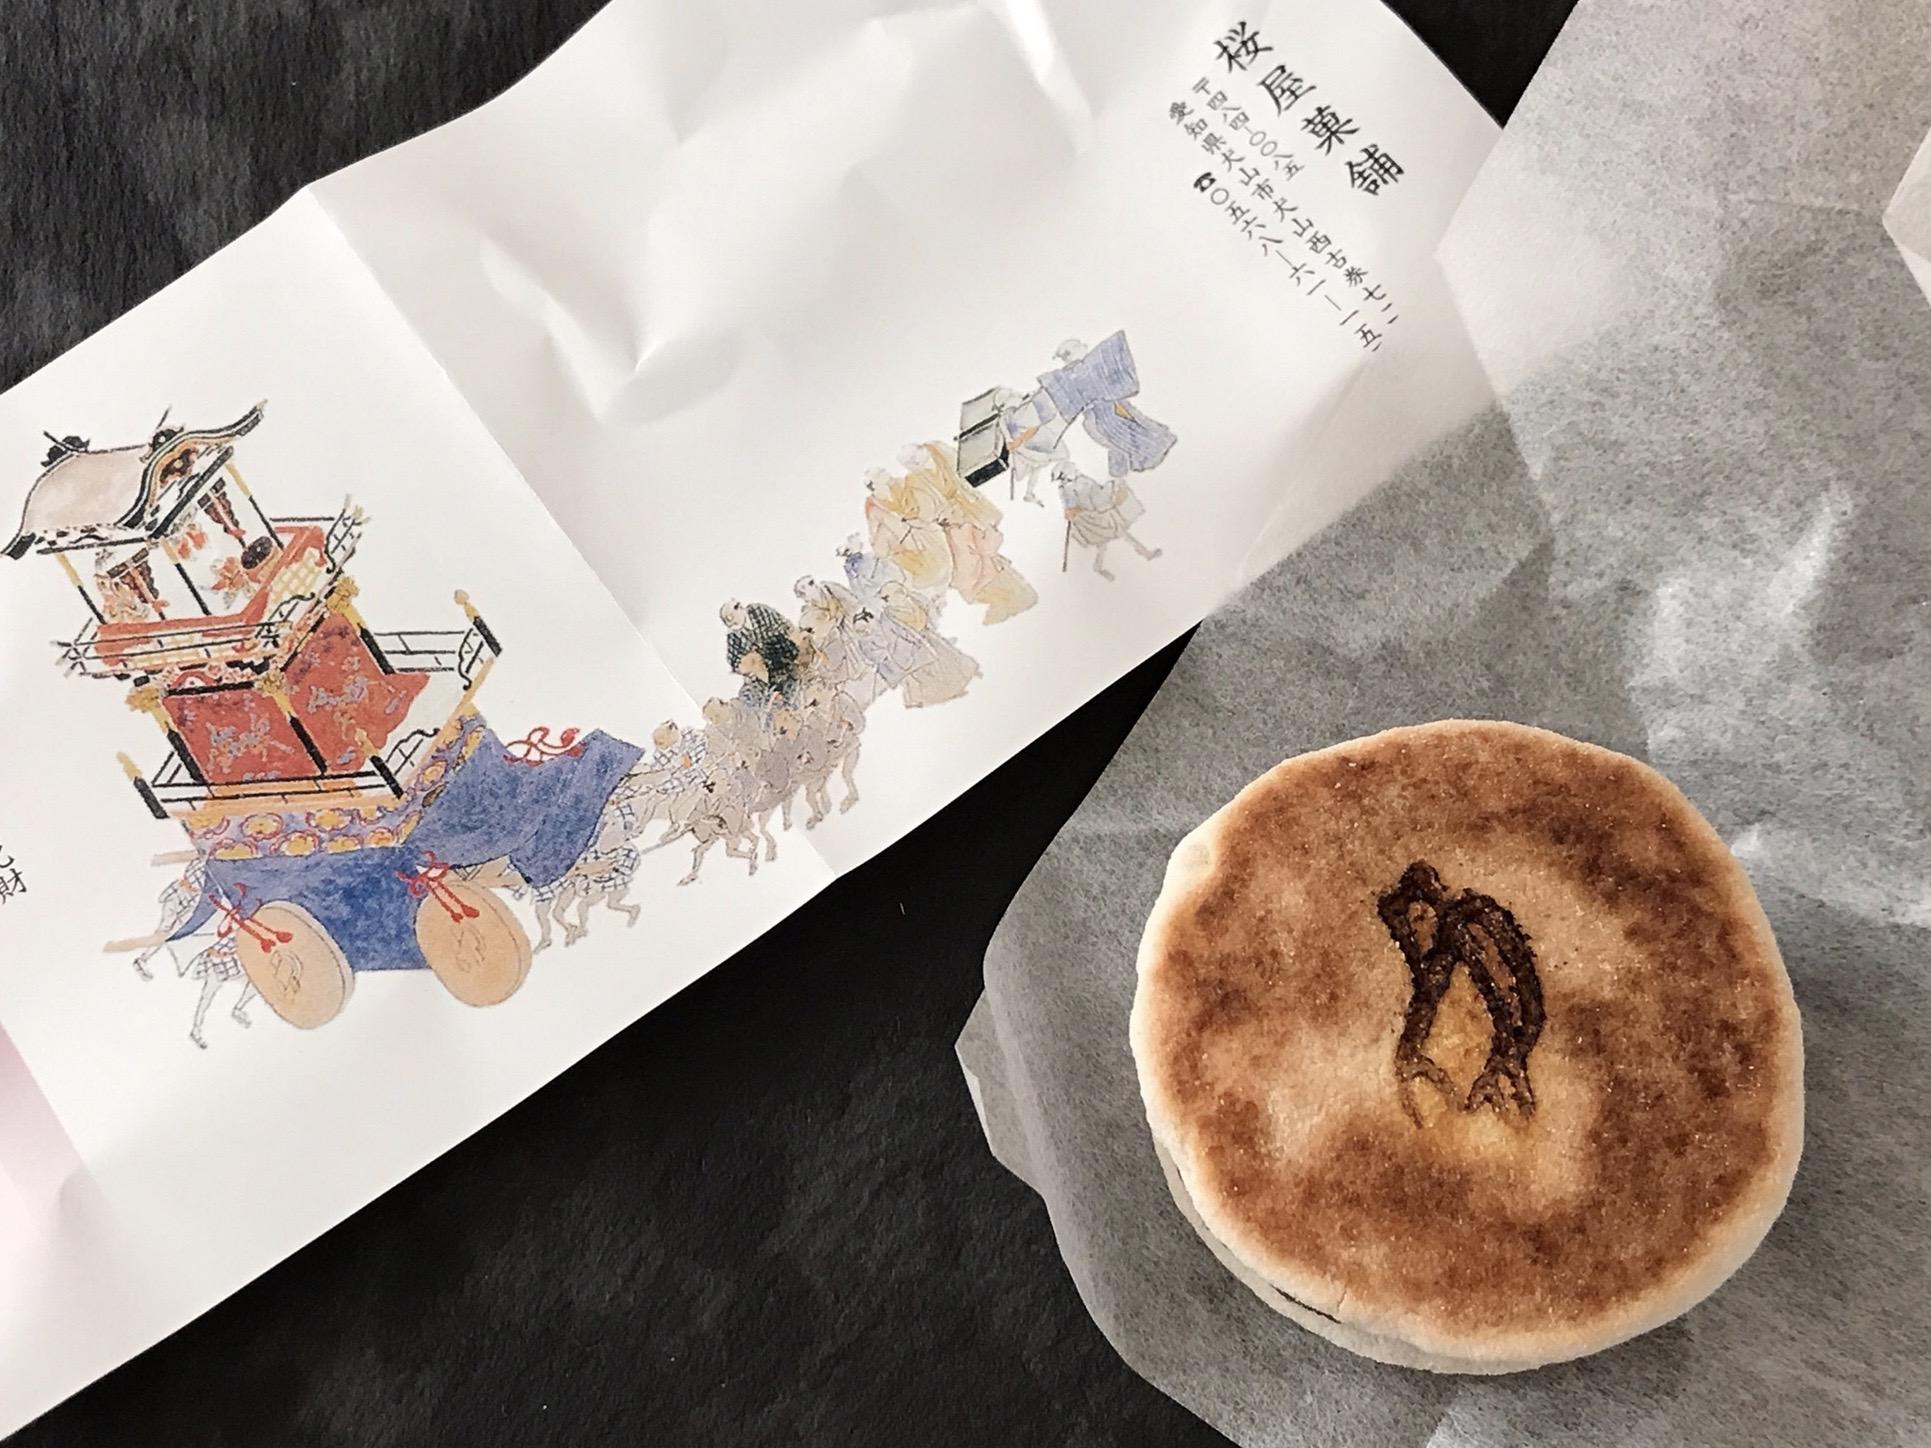 桜屋菓舗 犬山祭